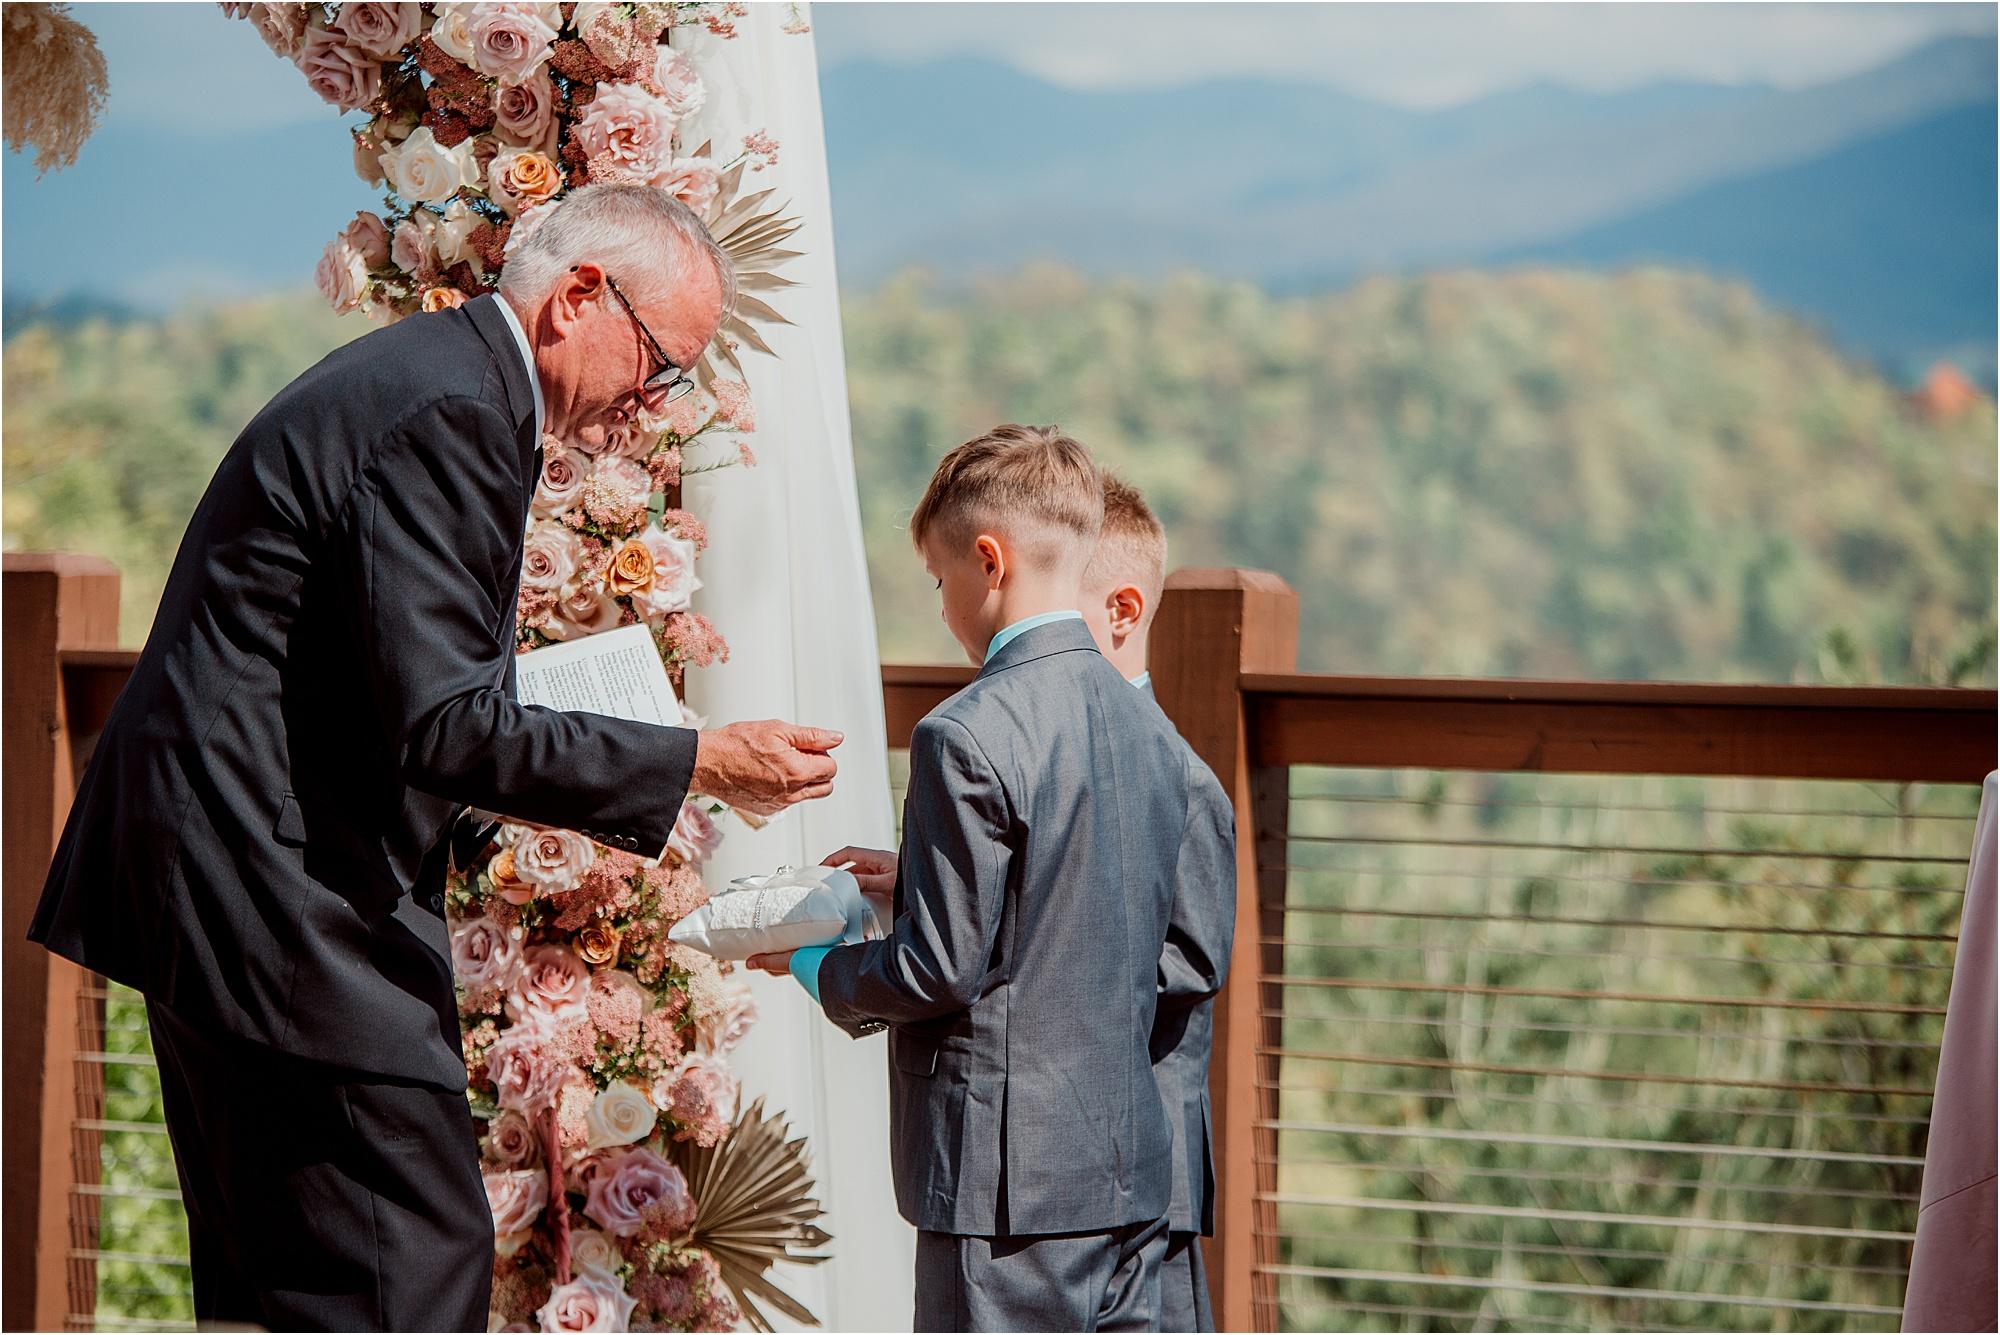 ring bearer handing officiant rings